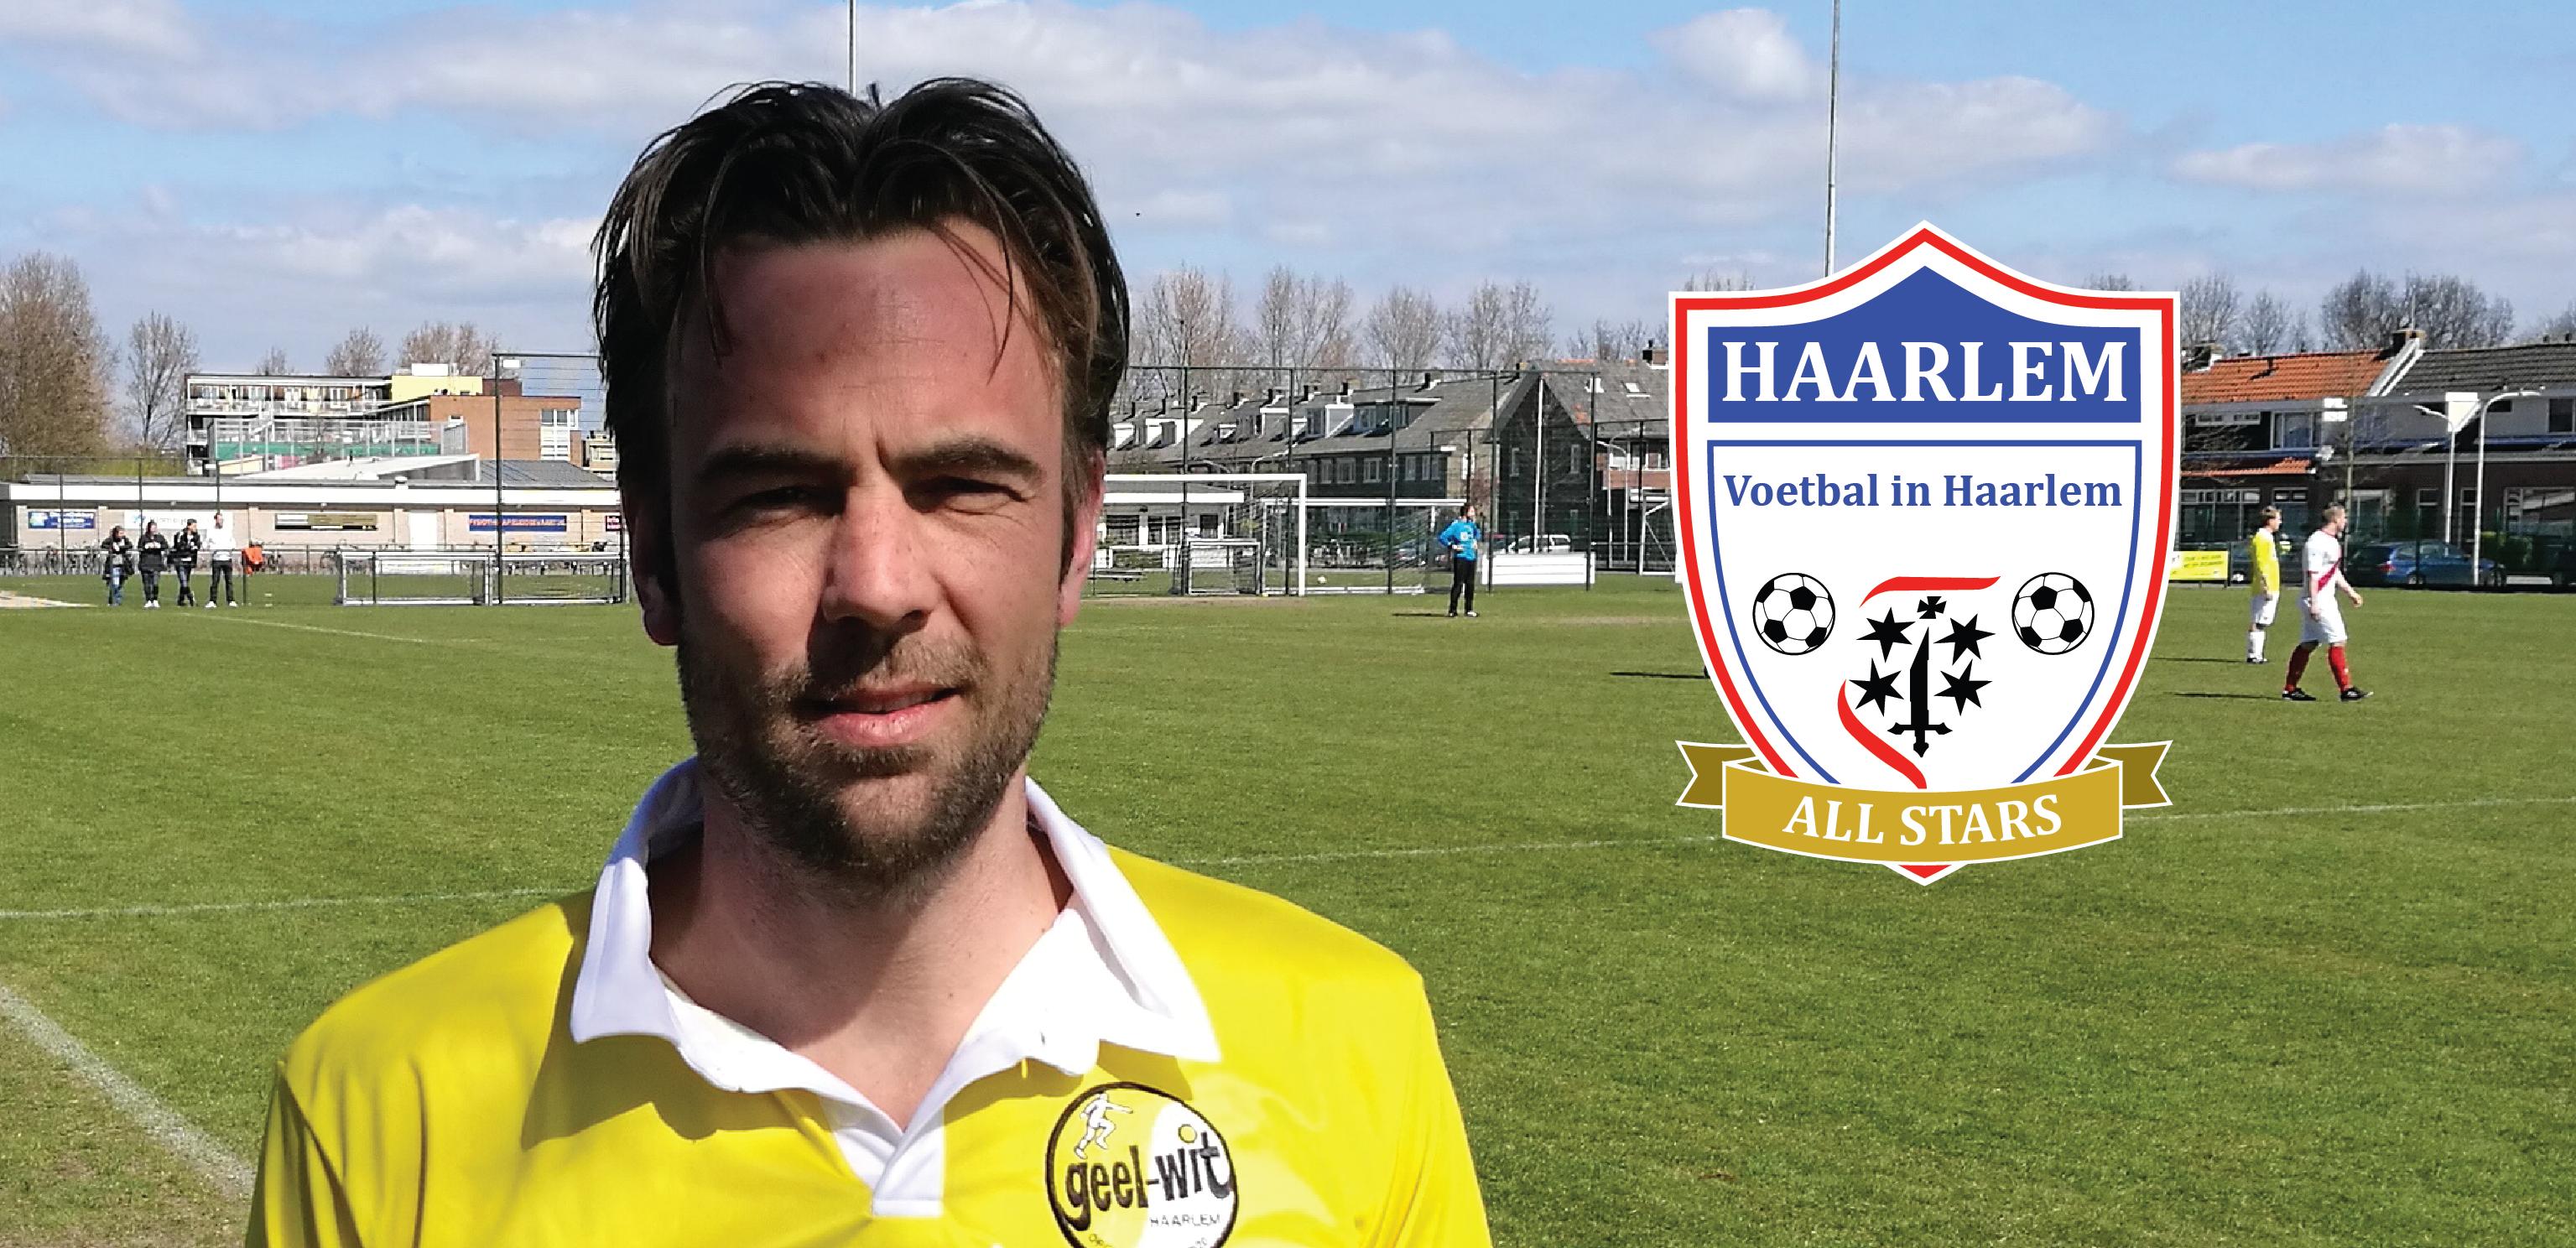 Ted Pauw - Voetbal in Haarlem